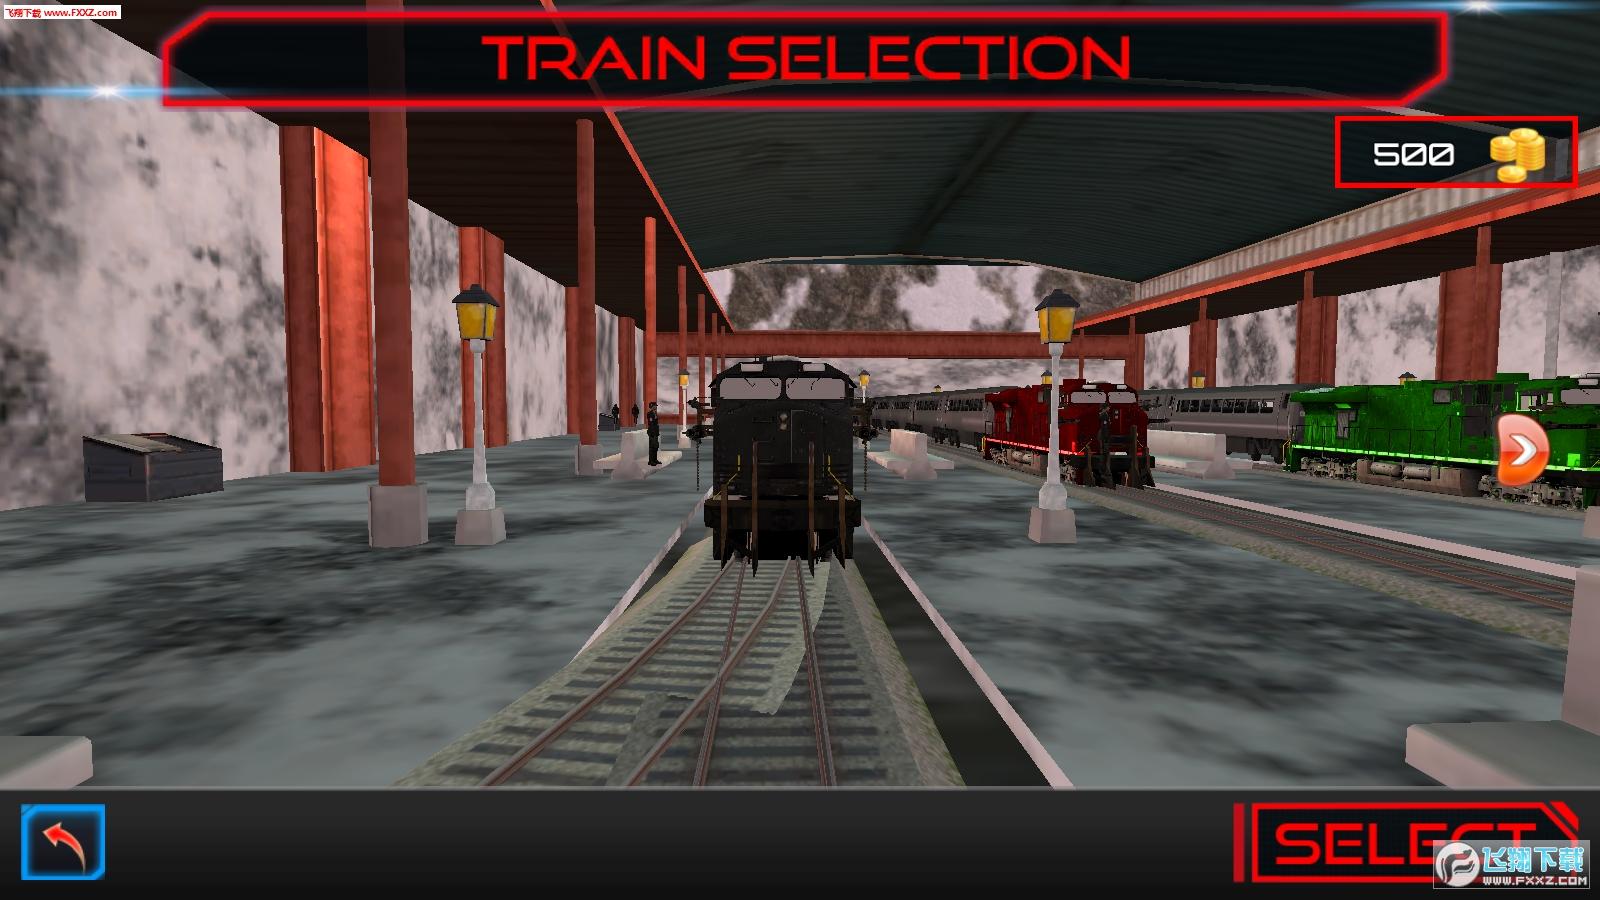 军队列车模拟手游1.0截图1